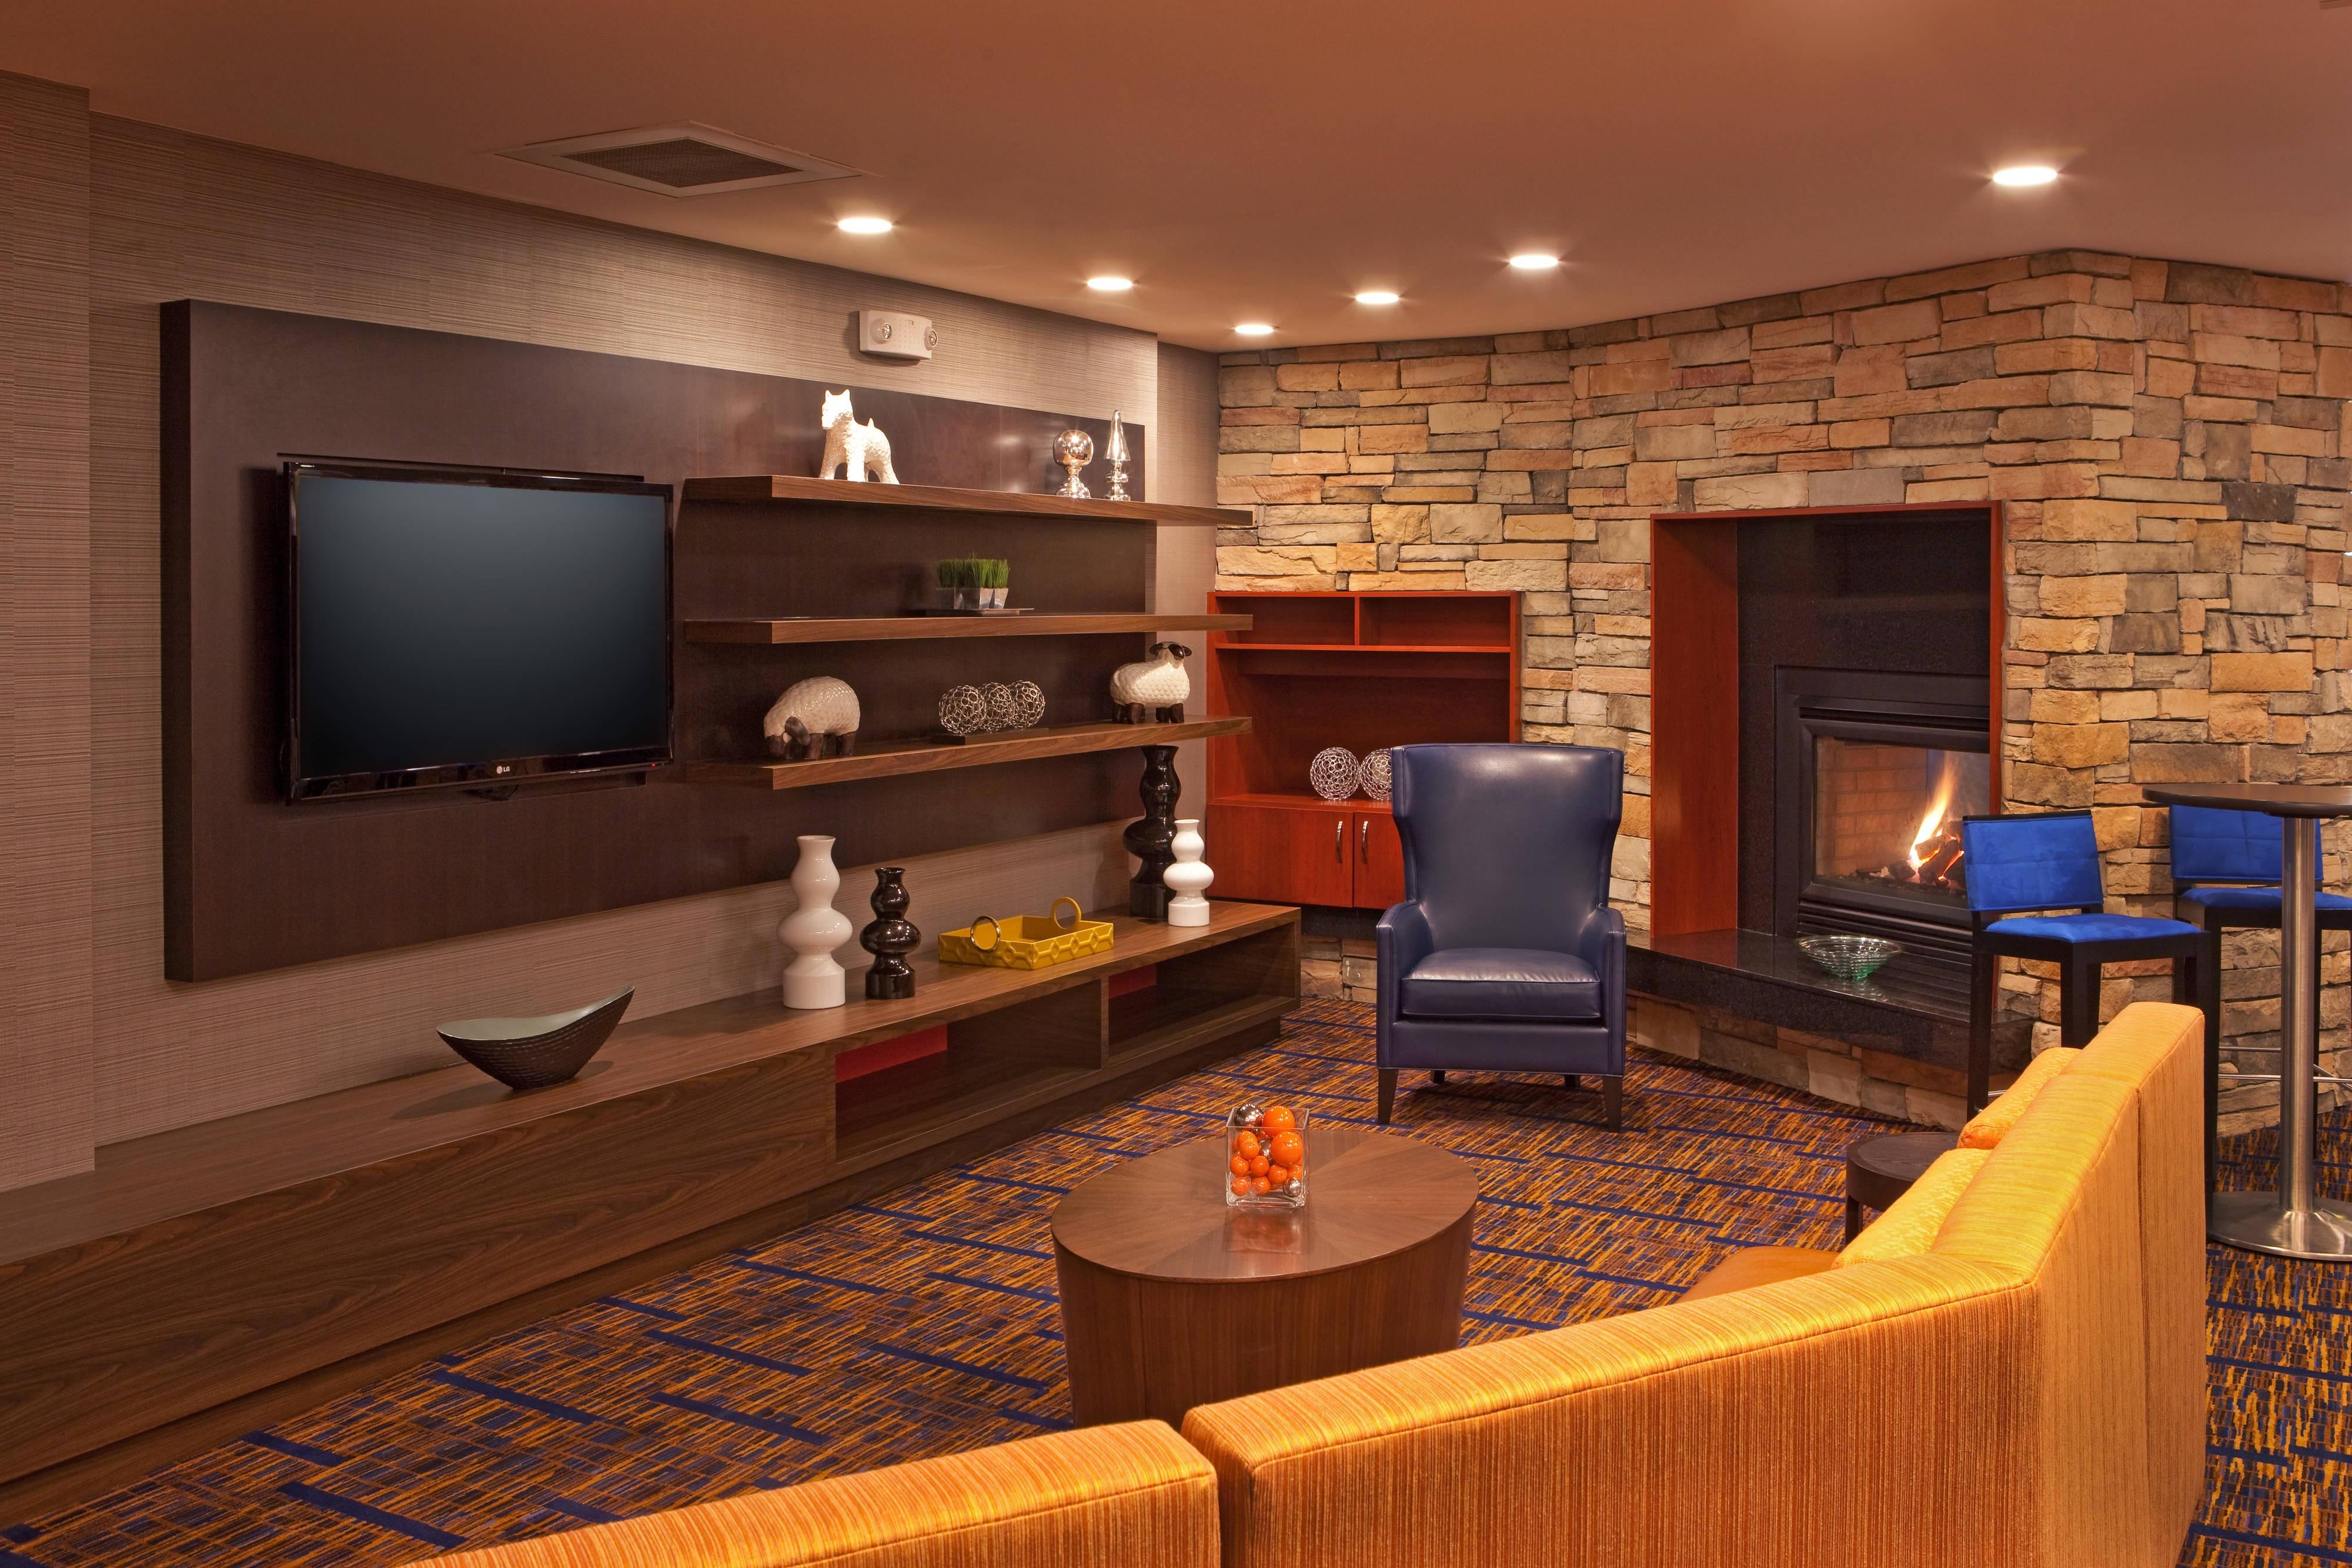 Alexandria, VA hotel lobby lounge